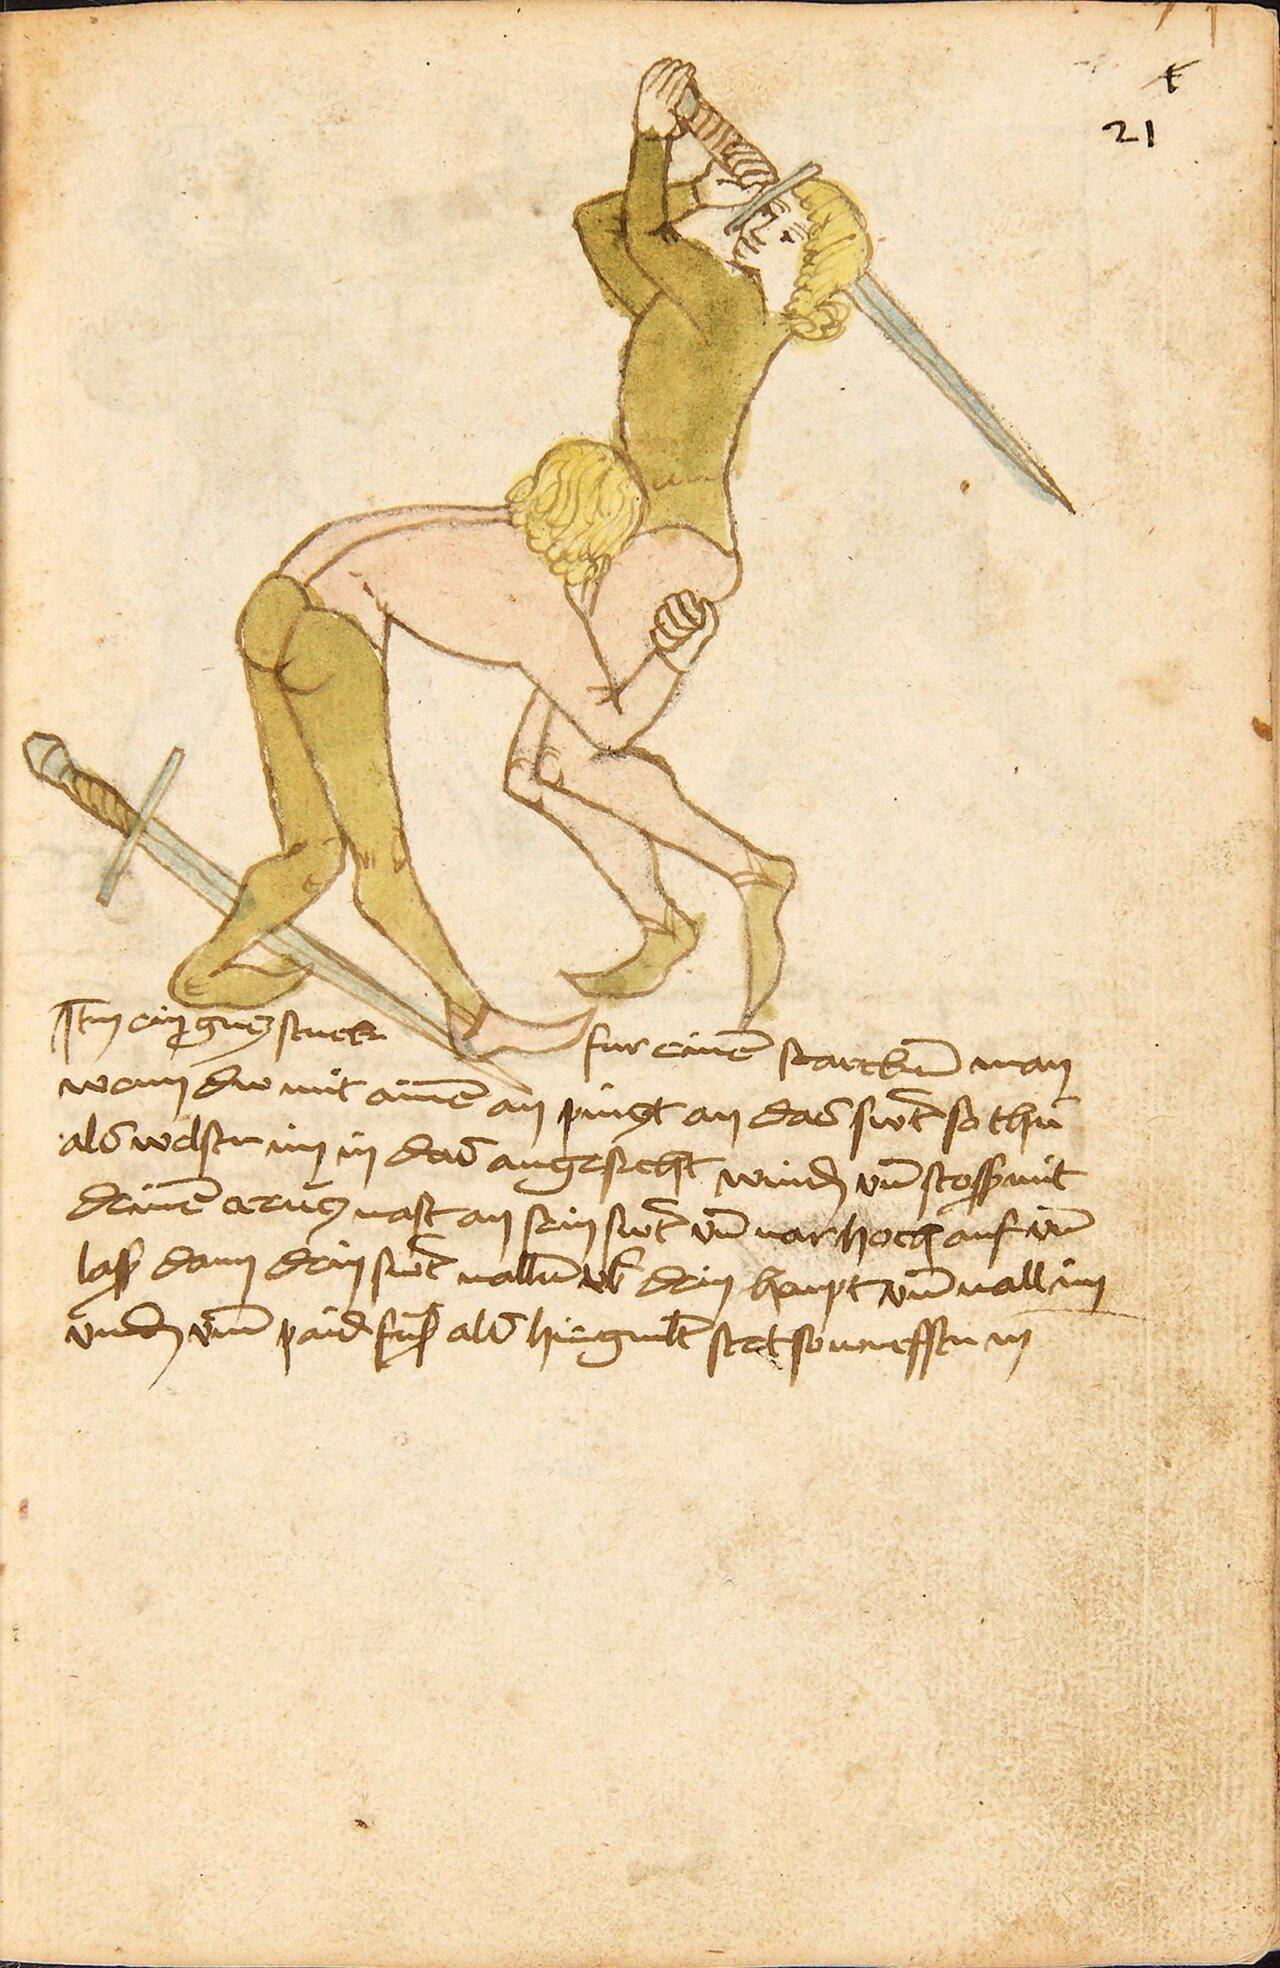 Cod.I.6.4º.2_021r.jpg 15세기의 검술 매뉴얼